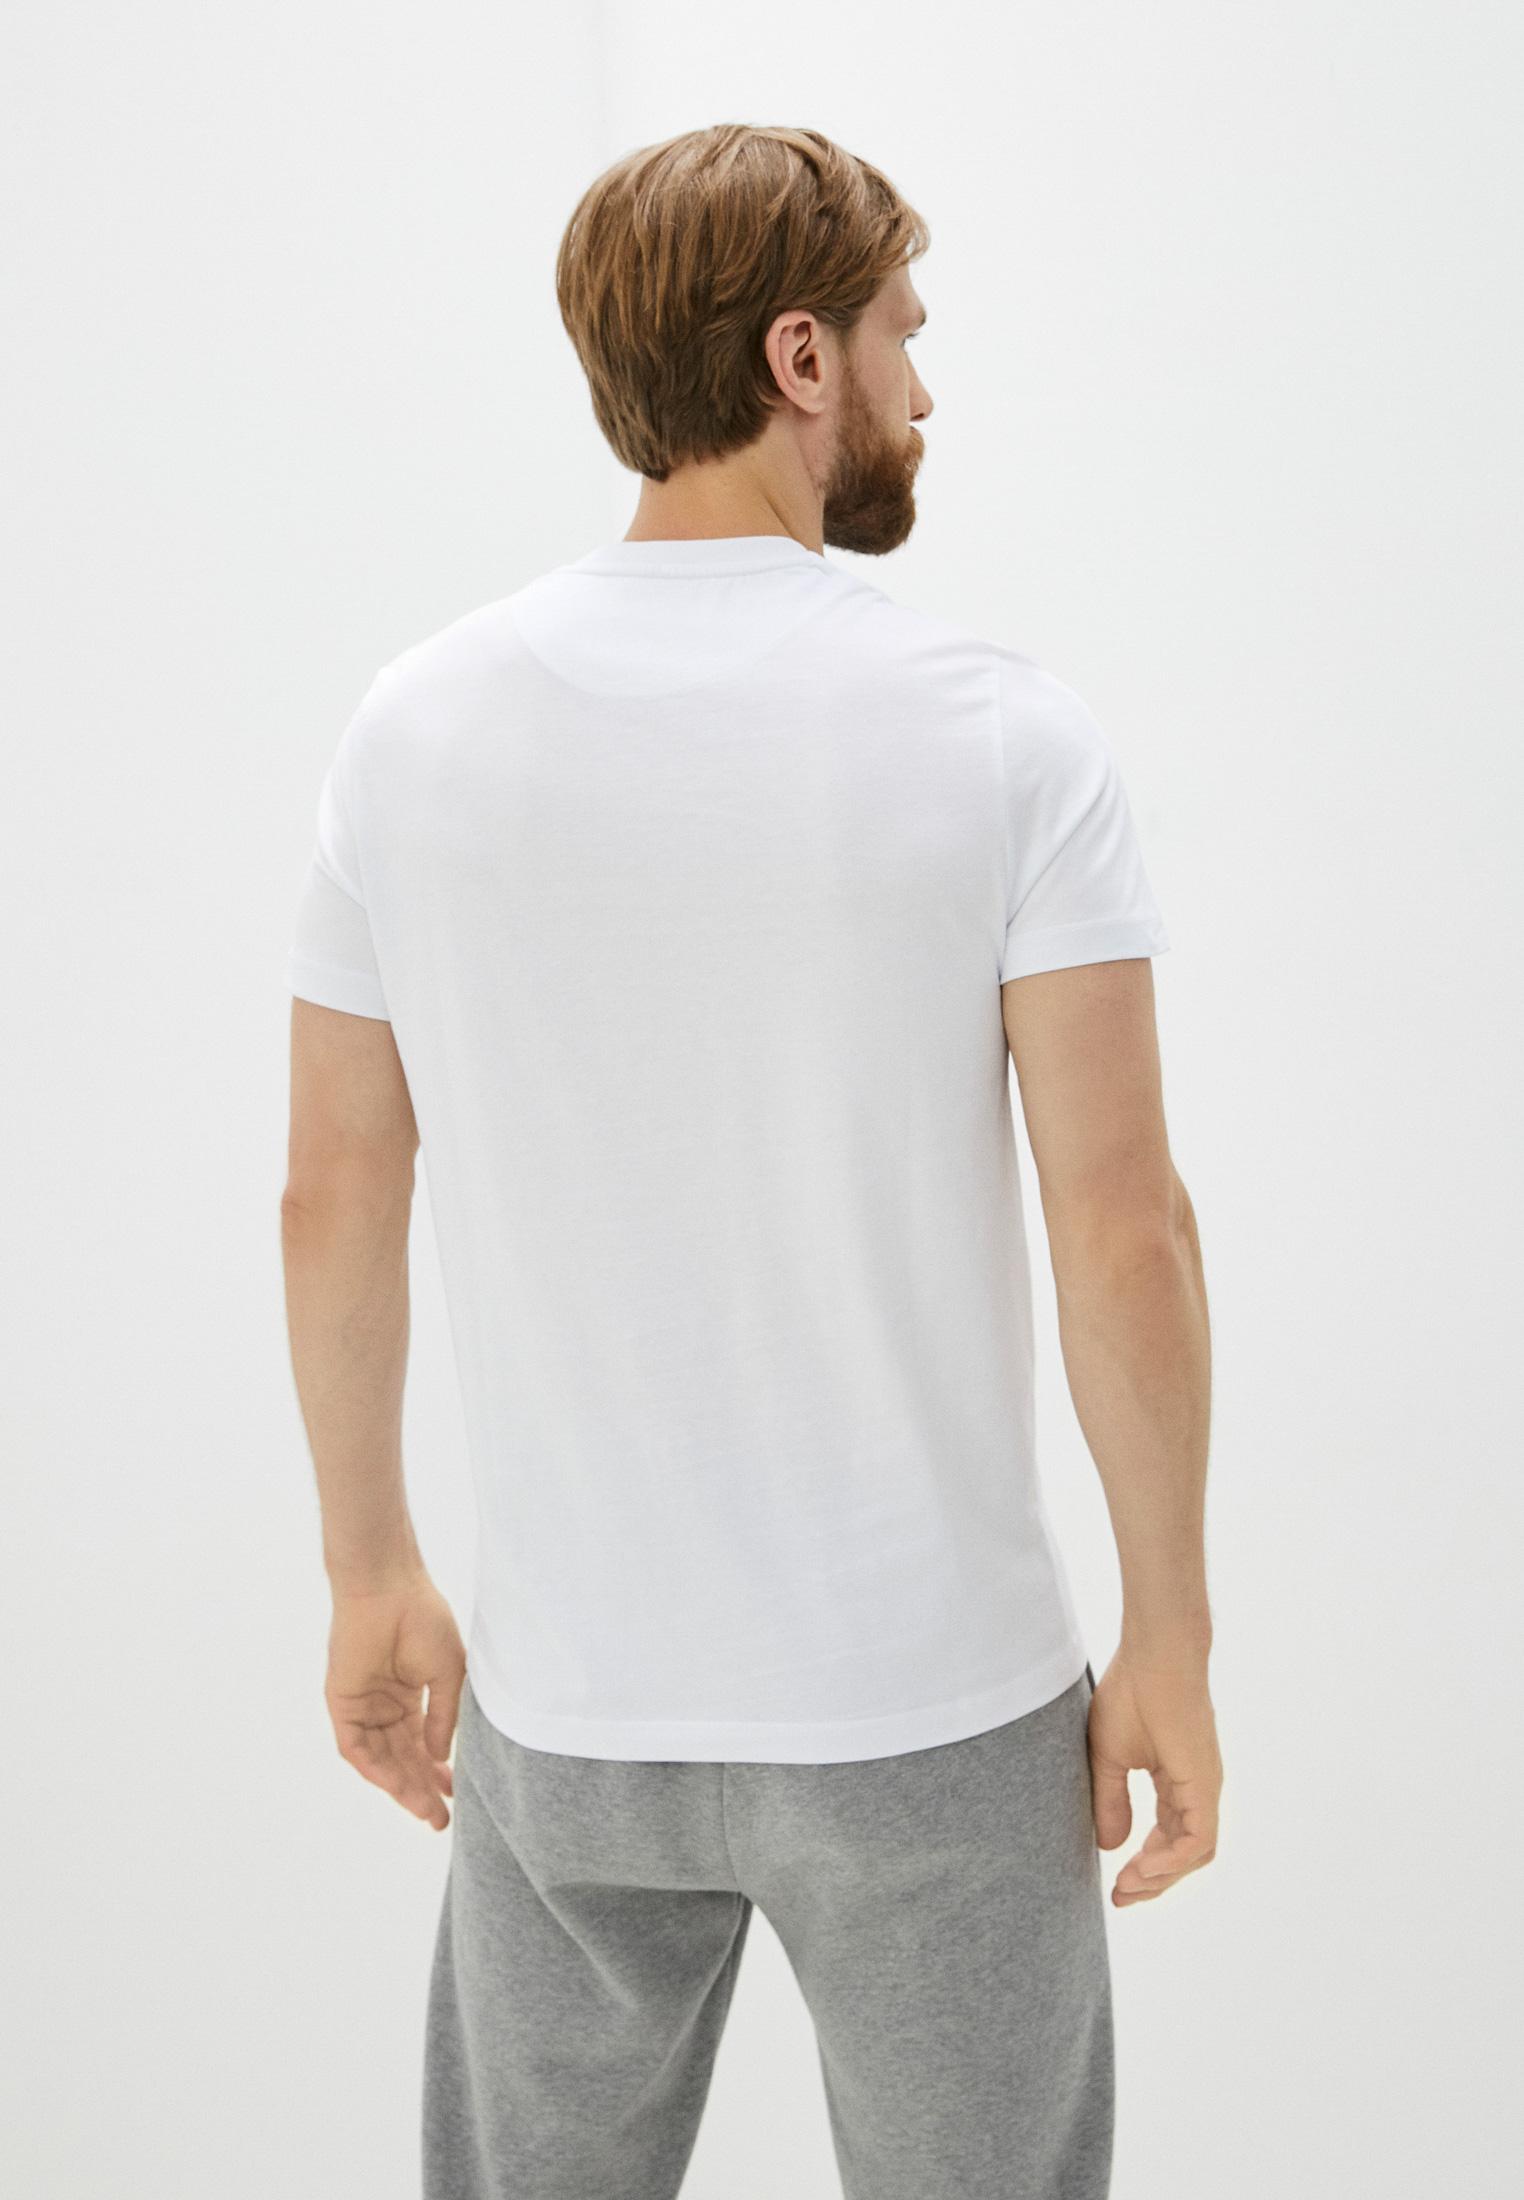 Мужская футболка Bikkembergs (Биккембергс) C 4 101 46 M 4298: изображение 4